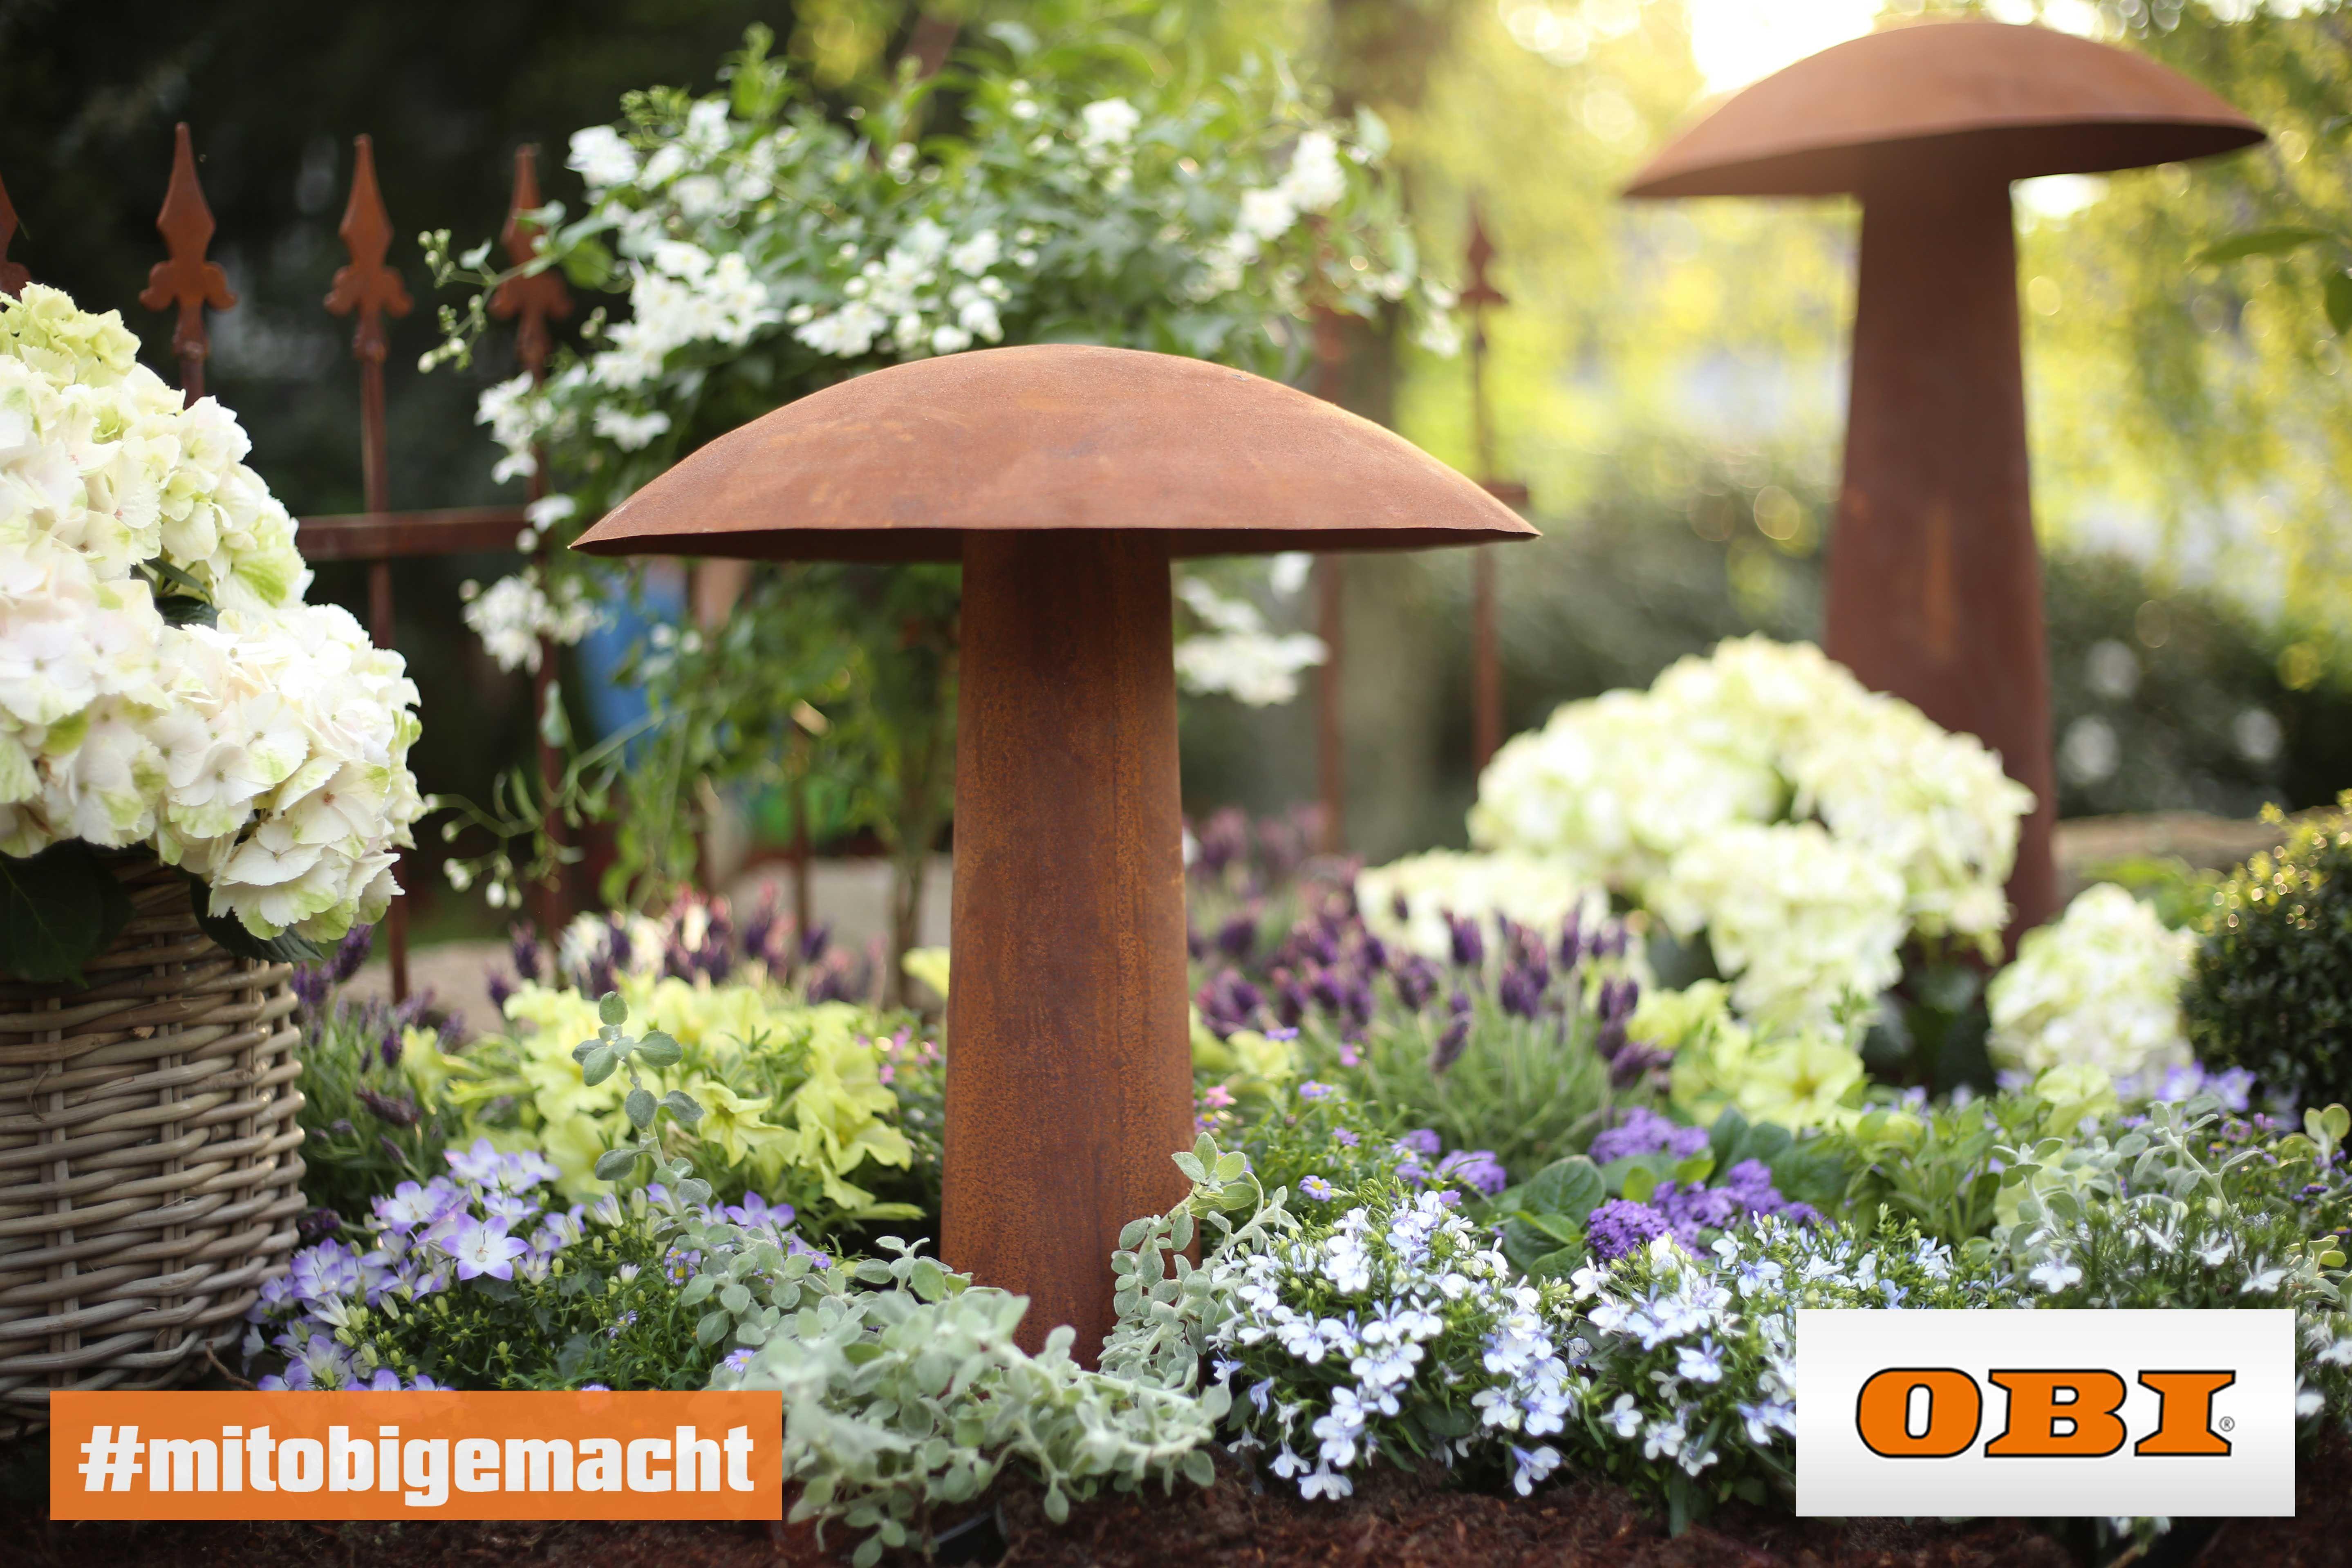 Blumenbeet Gestalten Tipps Zur Farbkomposition Obi Blumenbeet Gestalten Blumenbeet Gestalten